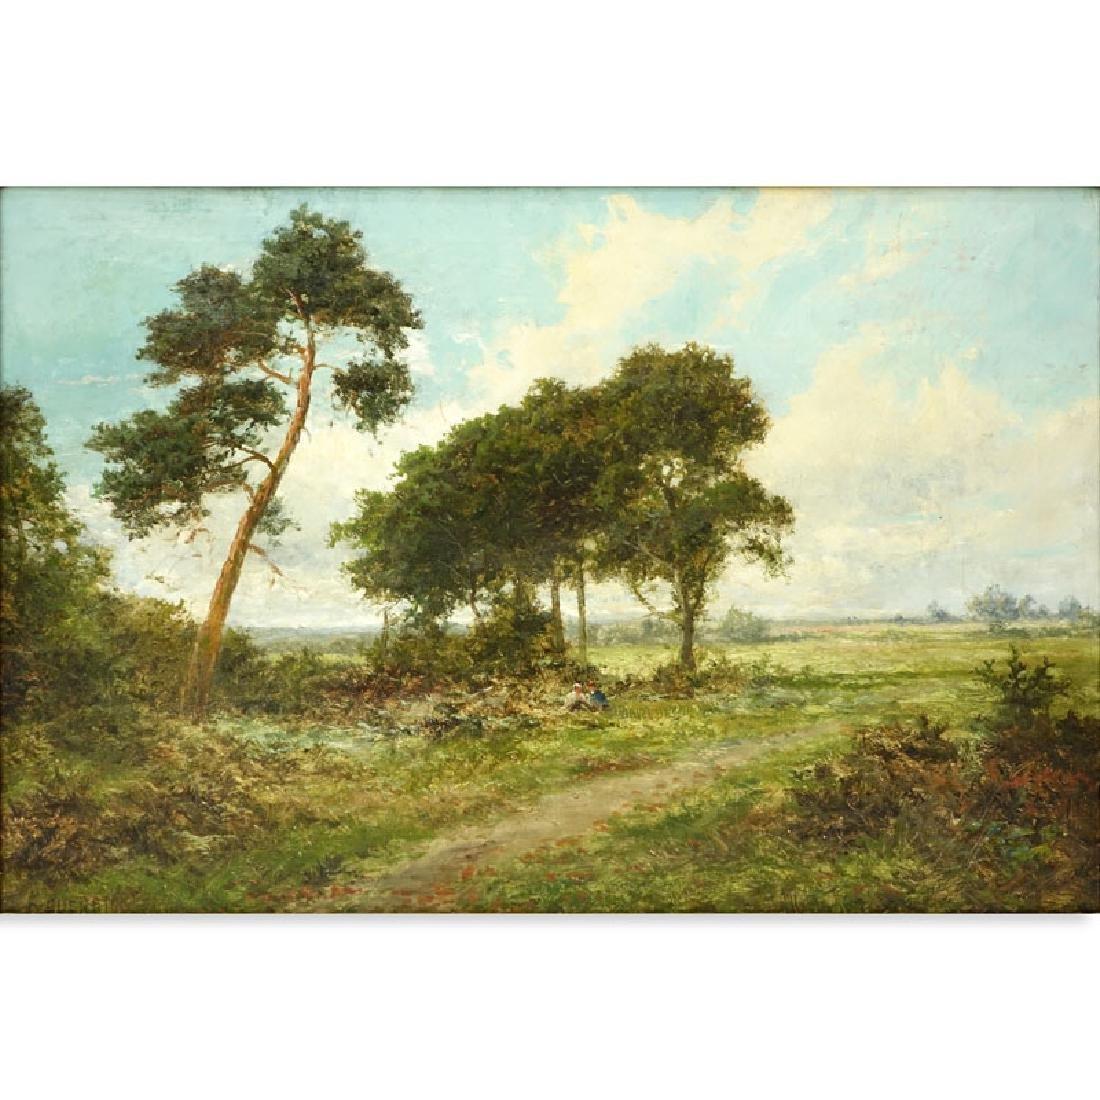 Daniel Sherrin The Elder, British (1868 - 1940) Oil on